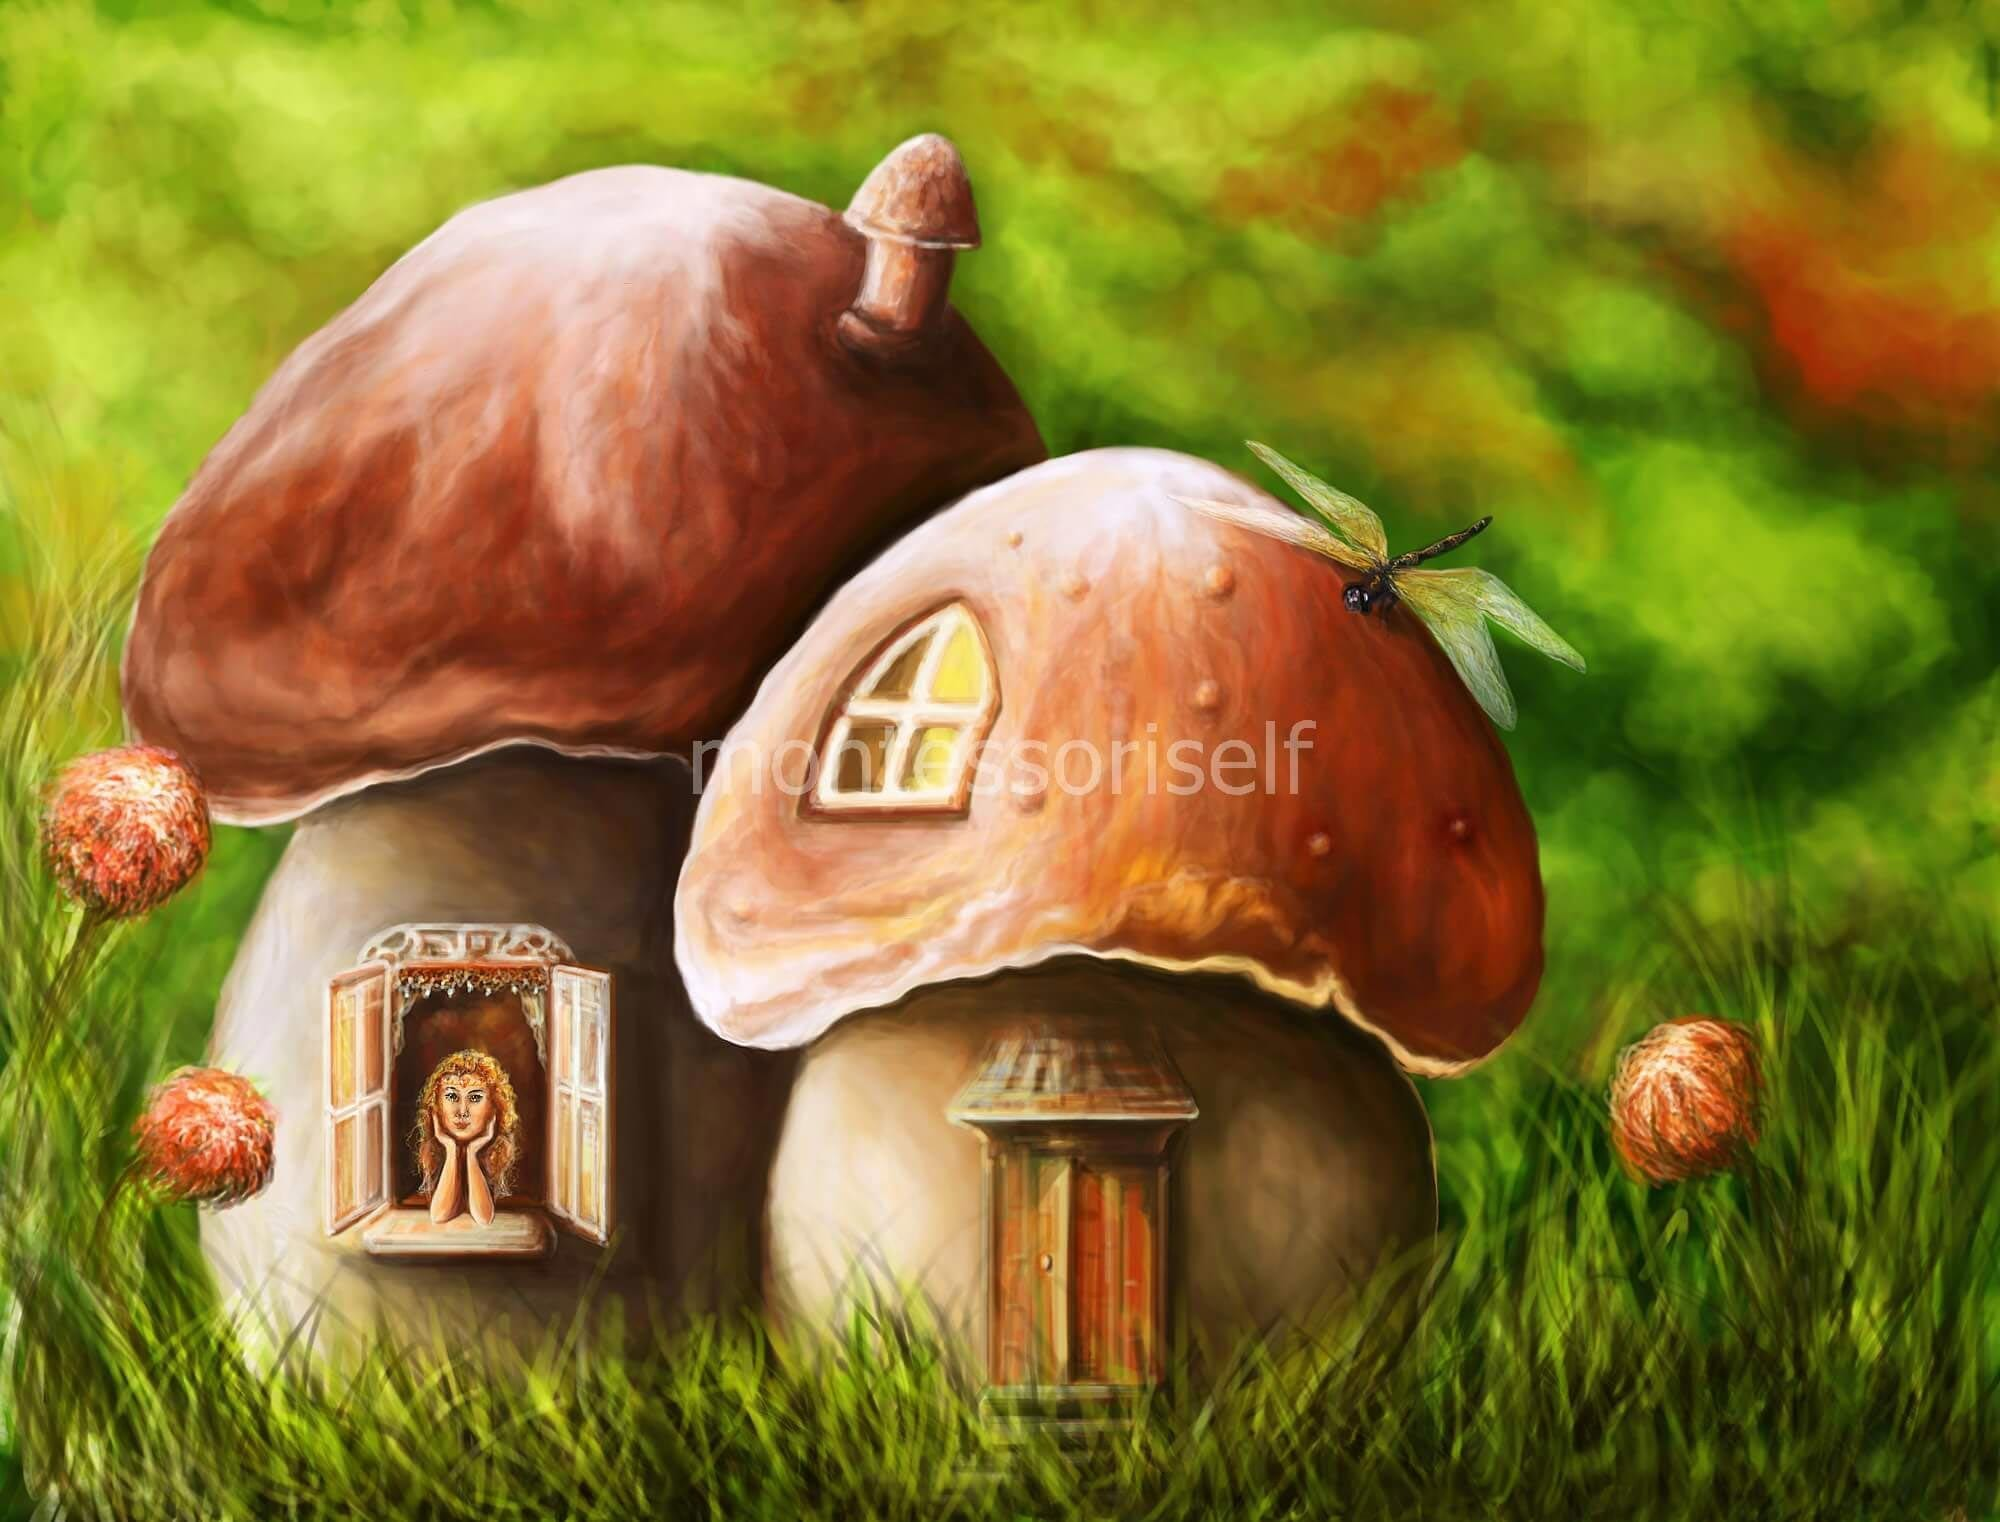 Картинки с грибами-домиками